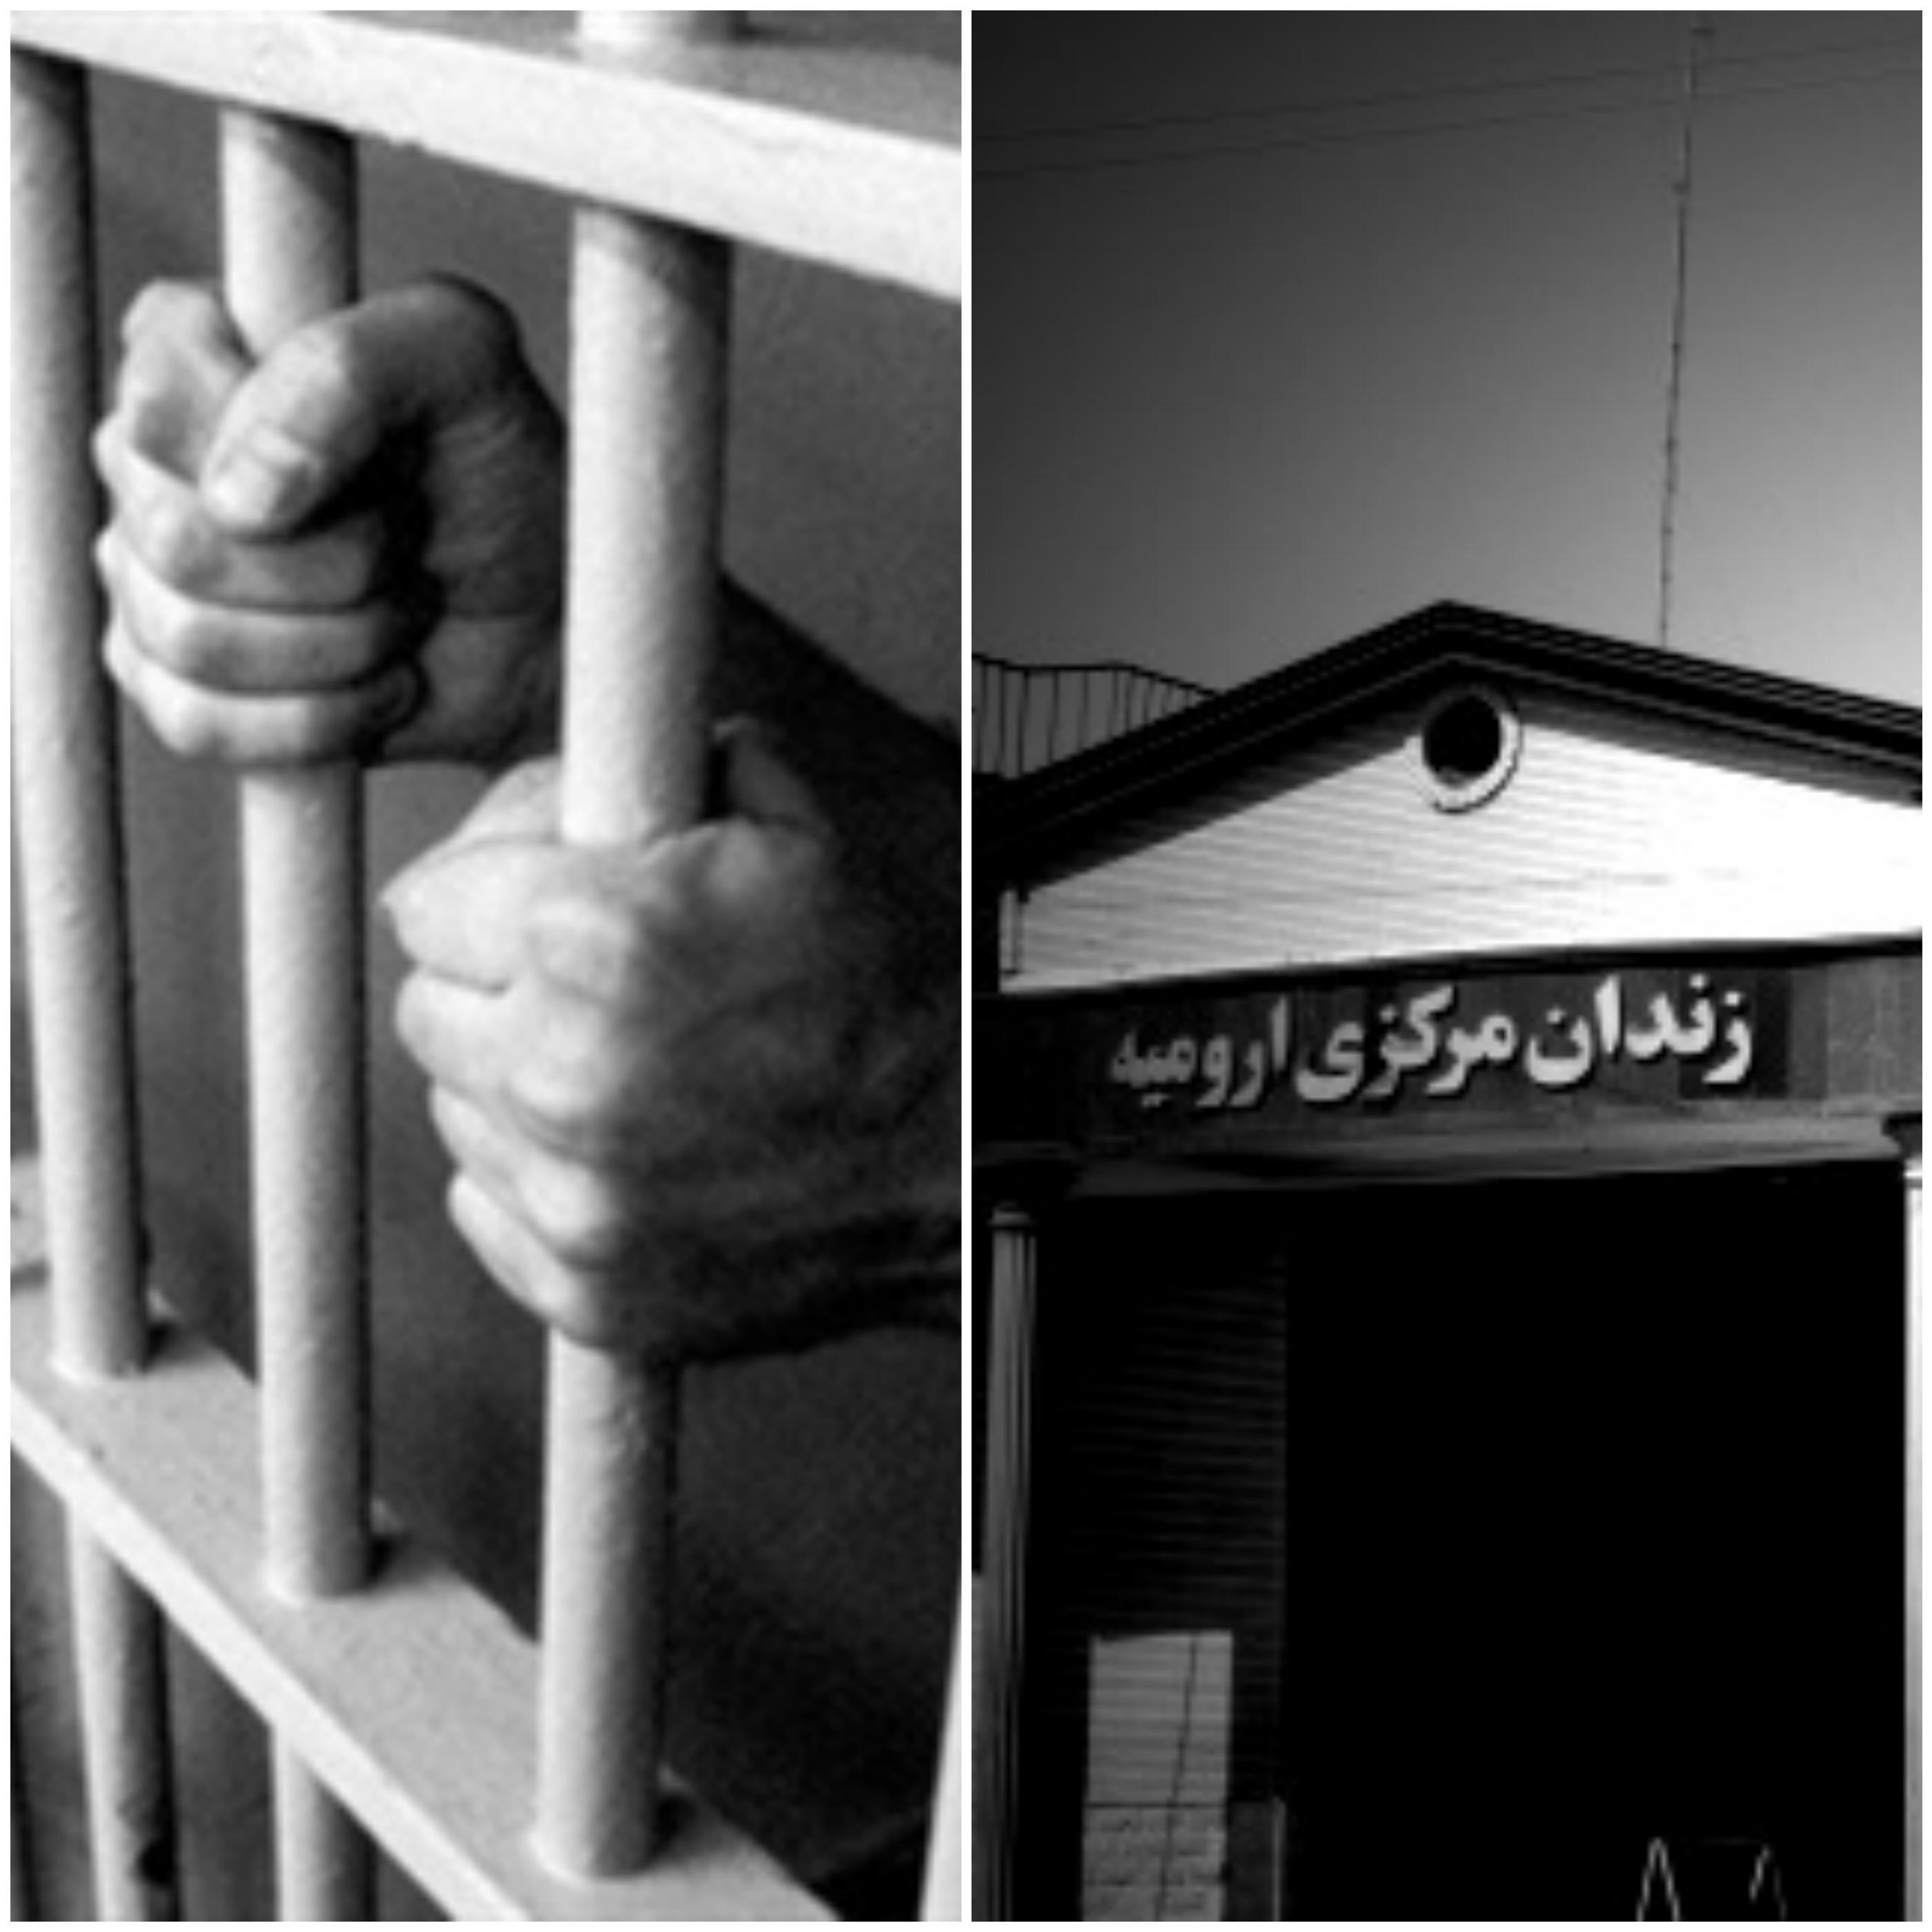 ارومیه؛ انتقال شش زندانی سیاسی به سلول انفرادی به دستور رئیس زندان